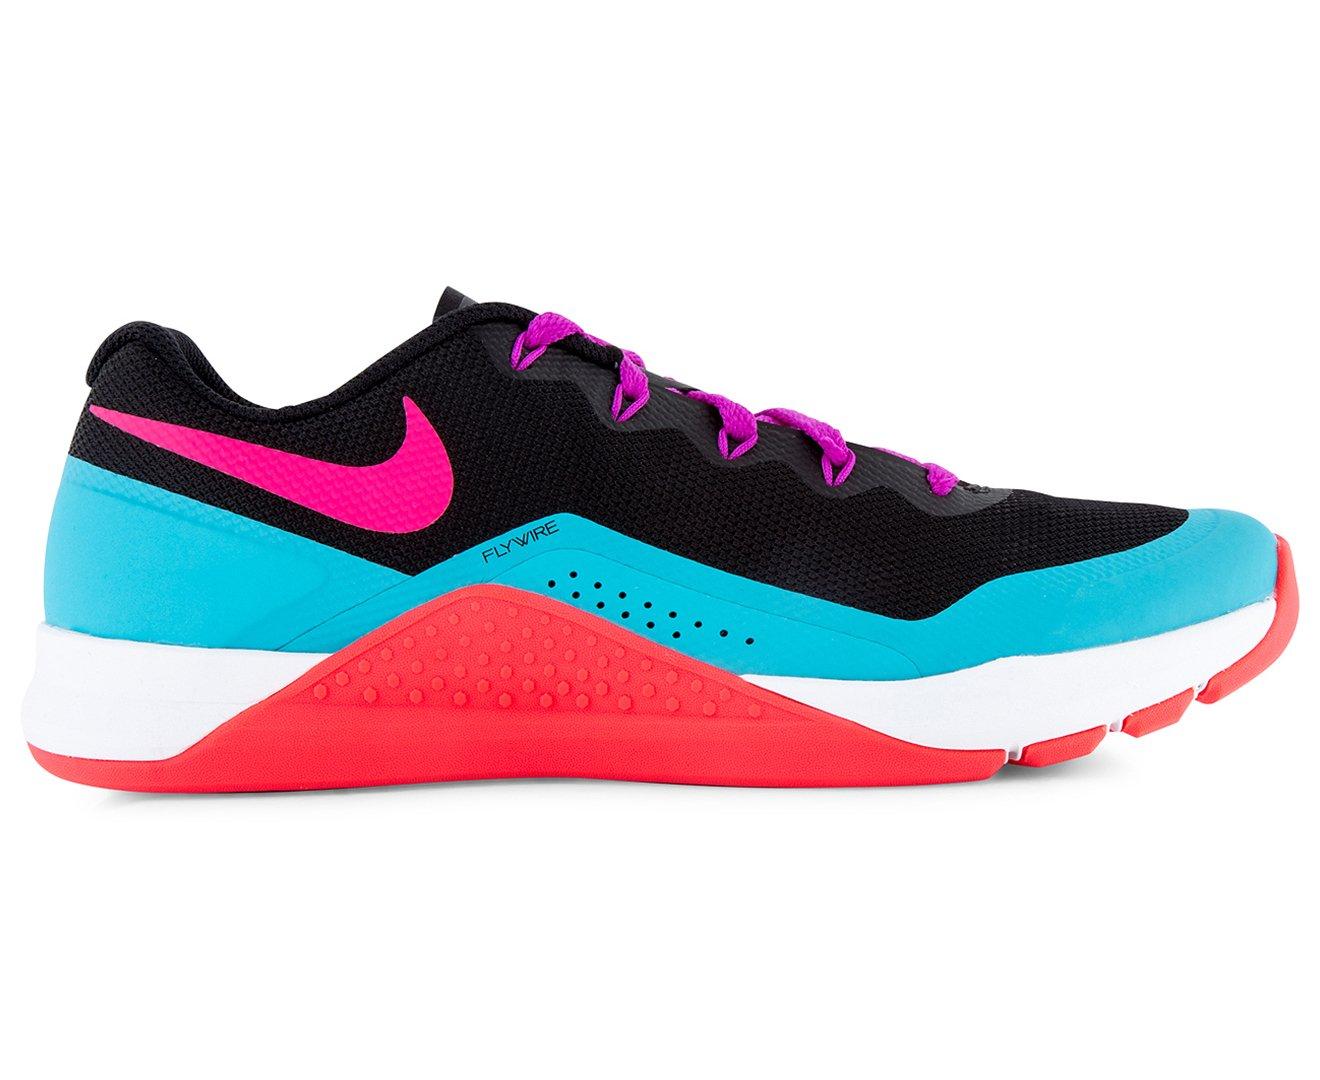 3f5e731639730 Galleon - Nike Women s Metcon Repper D